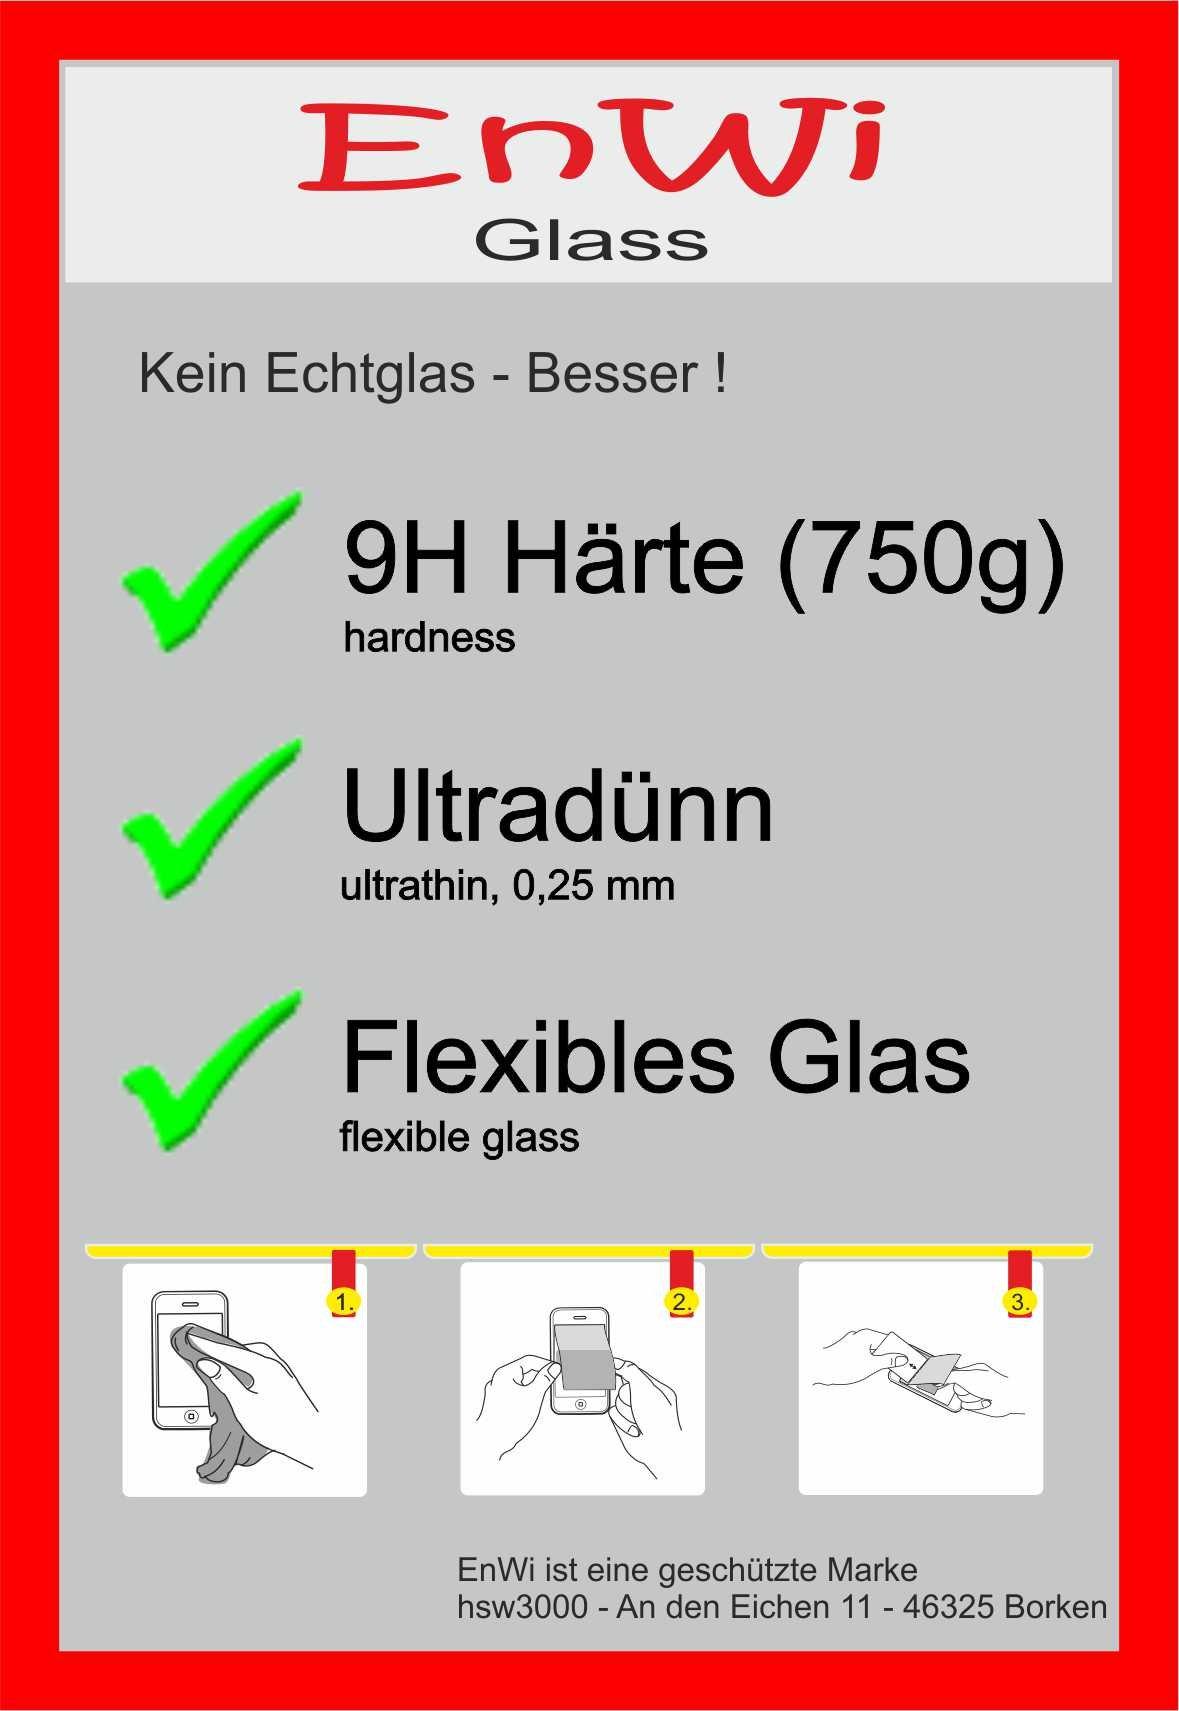 2X-EnWi-Glass-Panzerfolie-9H-750g-HRTE-Displayschutzfolie-fr-Jura-15084-E8-Kaffeevollautomat-Panzerglasfolie-Panzerglas